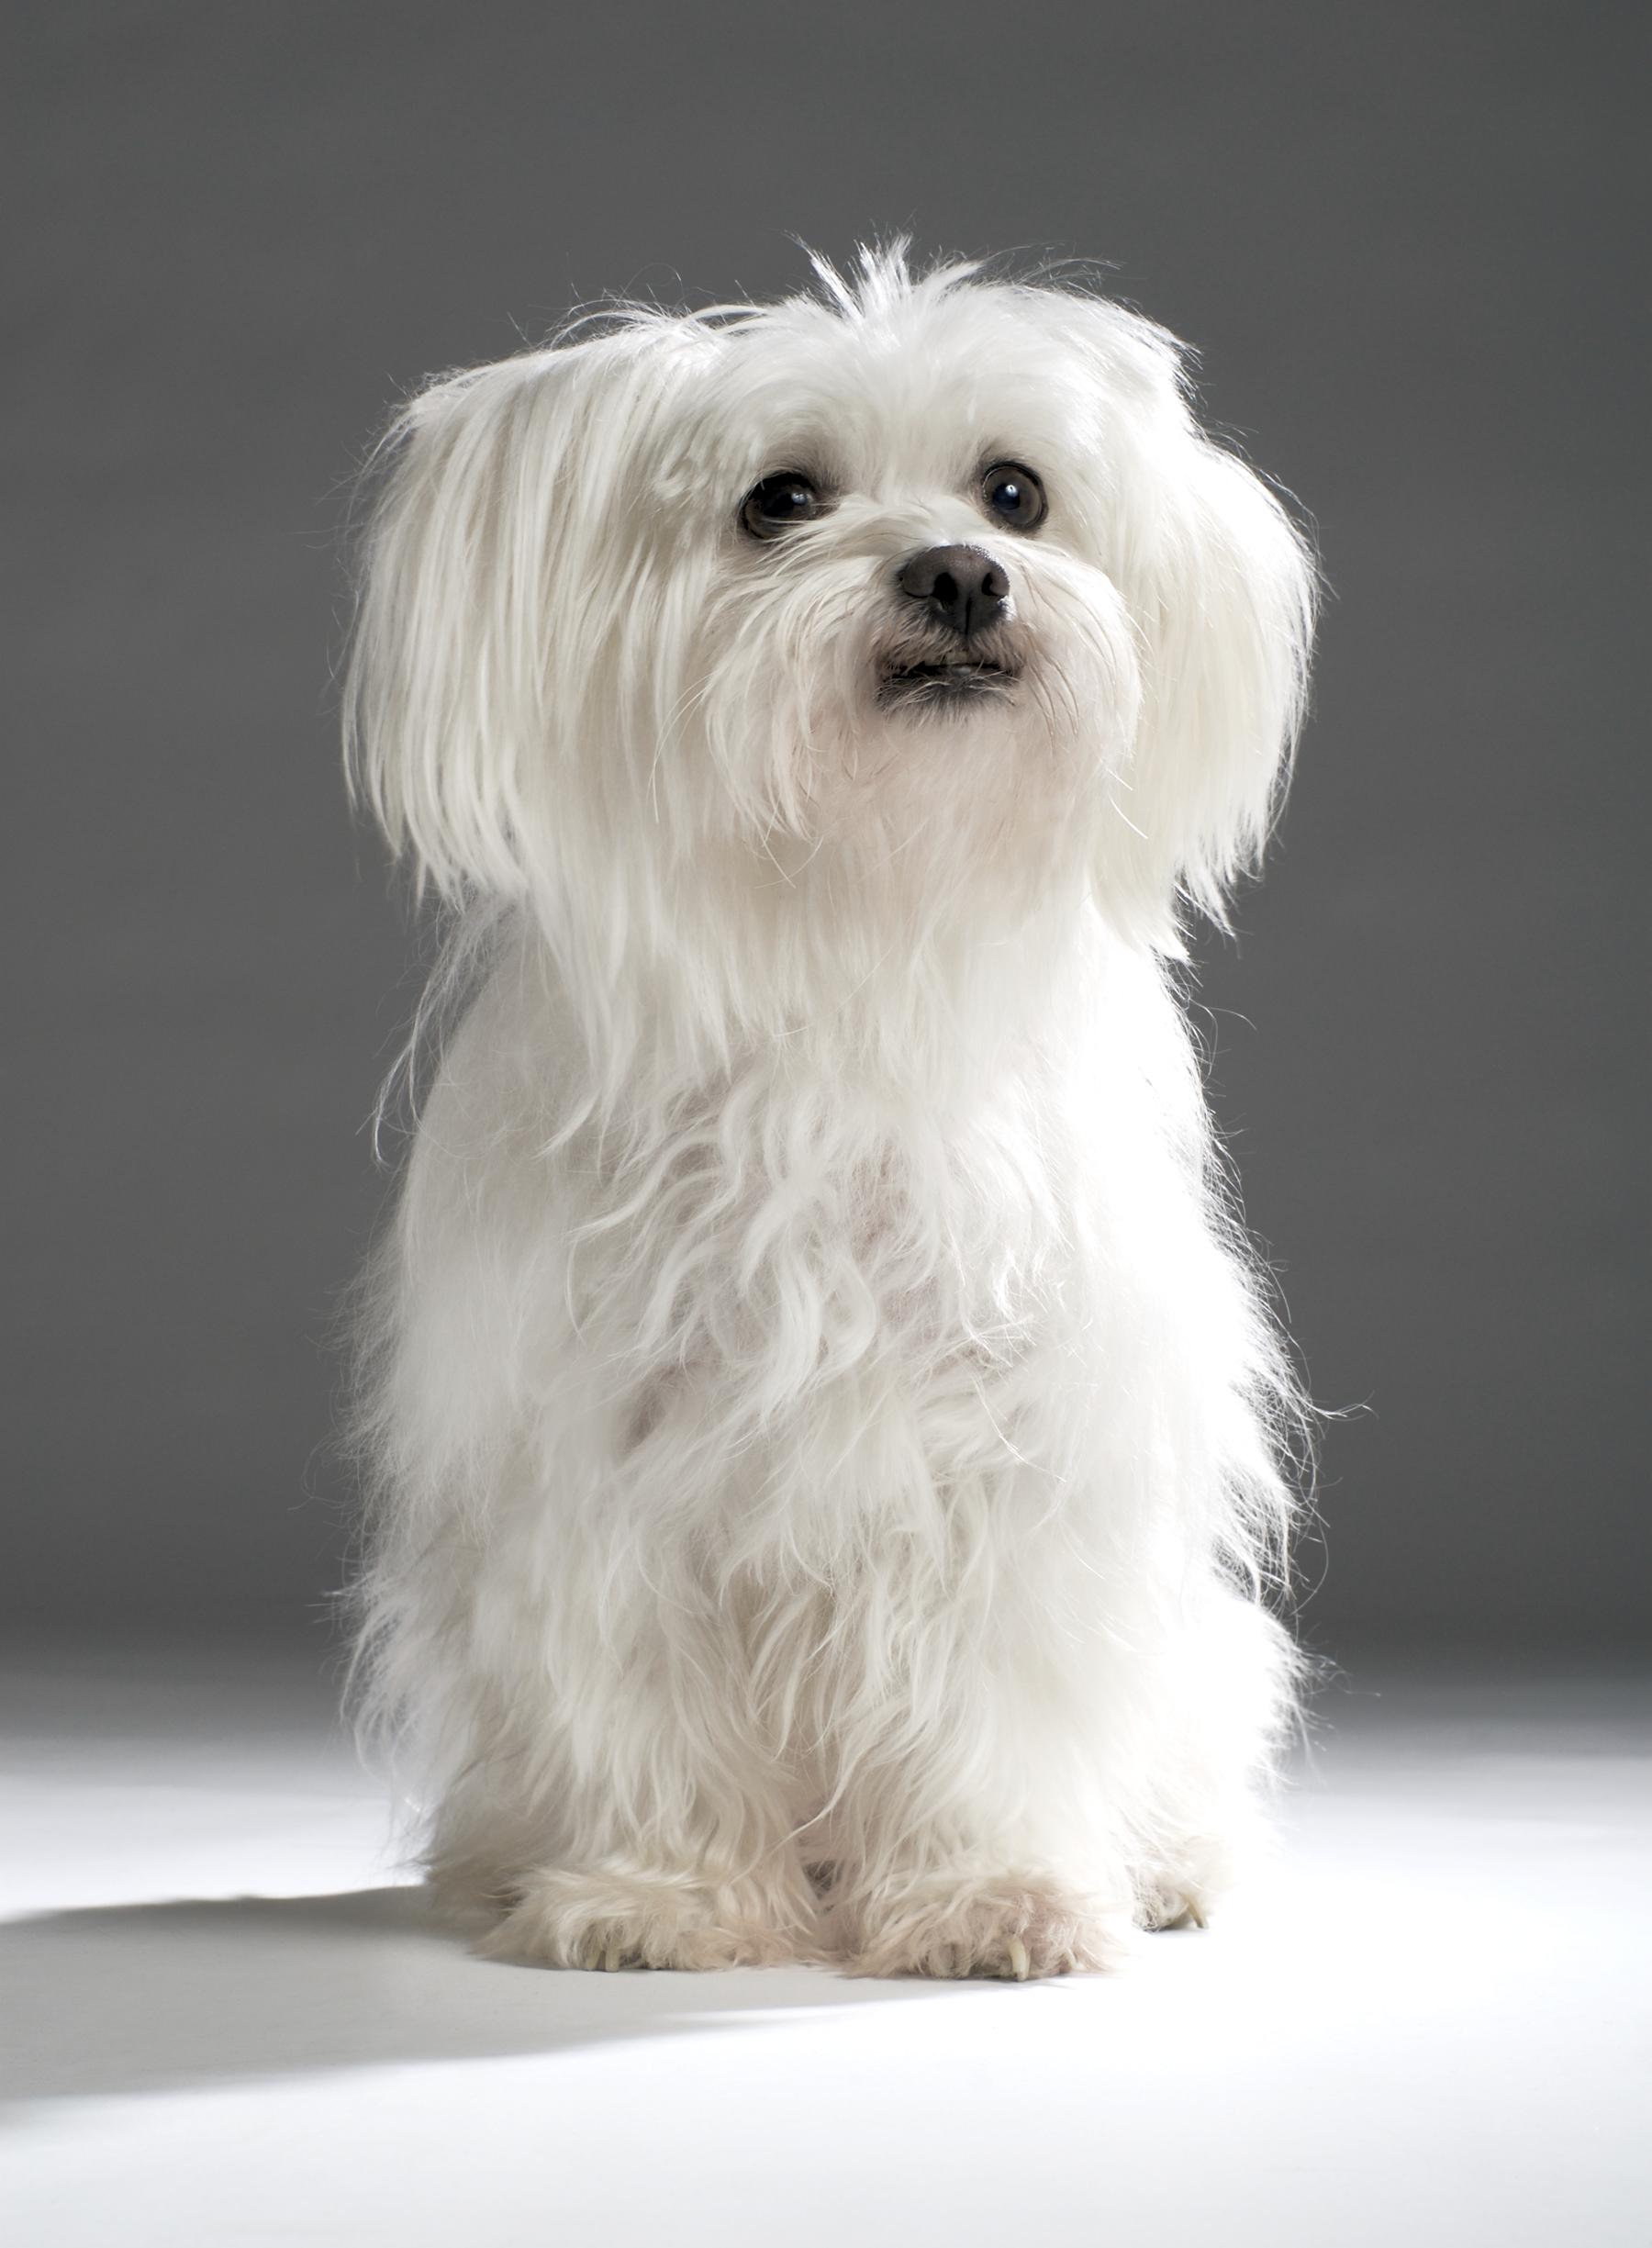 Комнатно-декоративные собаки: ТОП-10 самых популярных пород